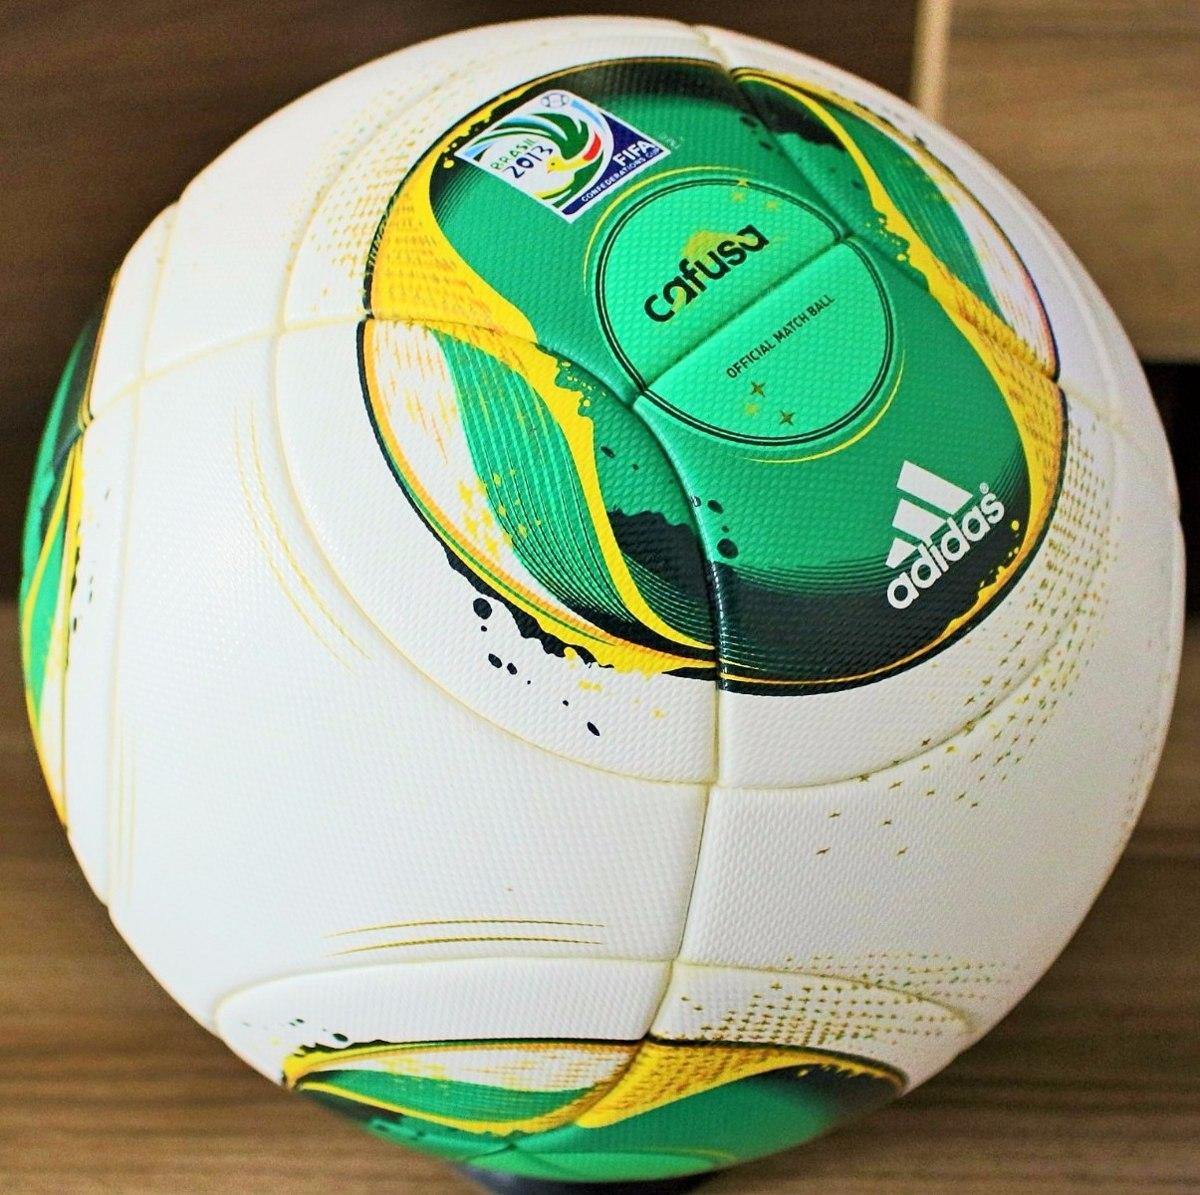 9114193e67f47 bola adidas cafusa oficial da copa das confederações 2013. Carregando zoom.